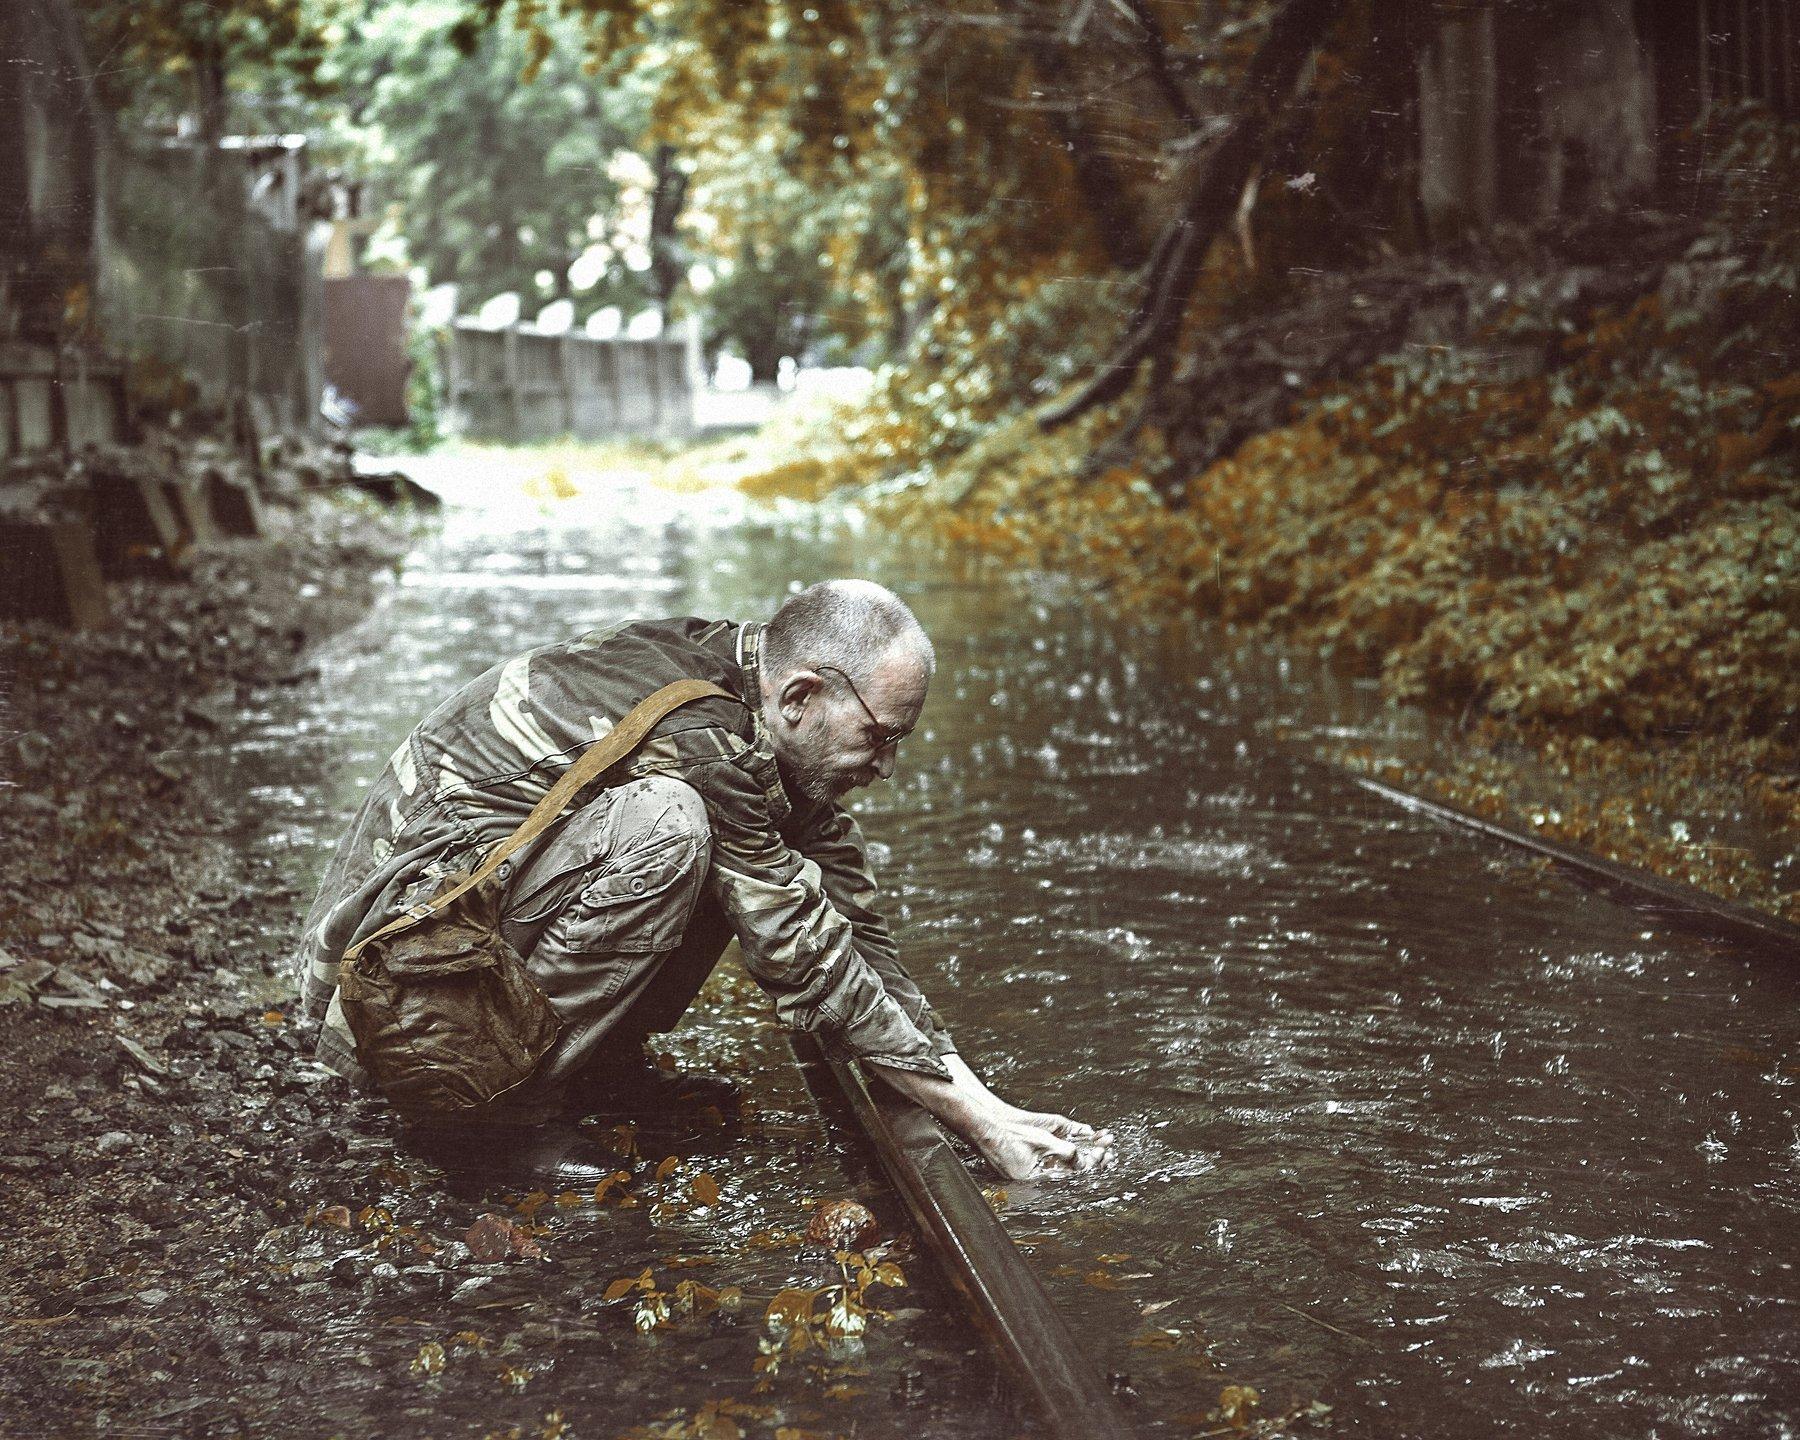 сталкер дождь зона рельсы, Шипов Олег